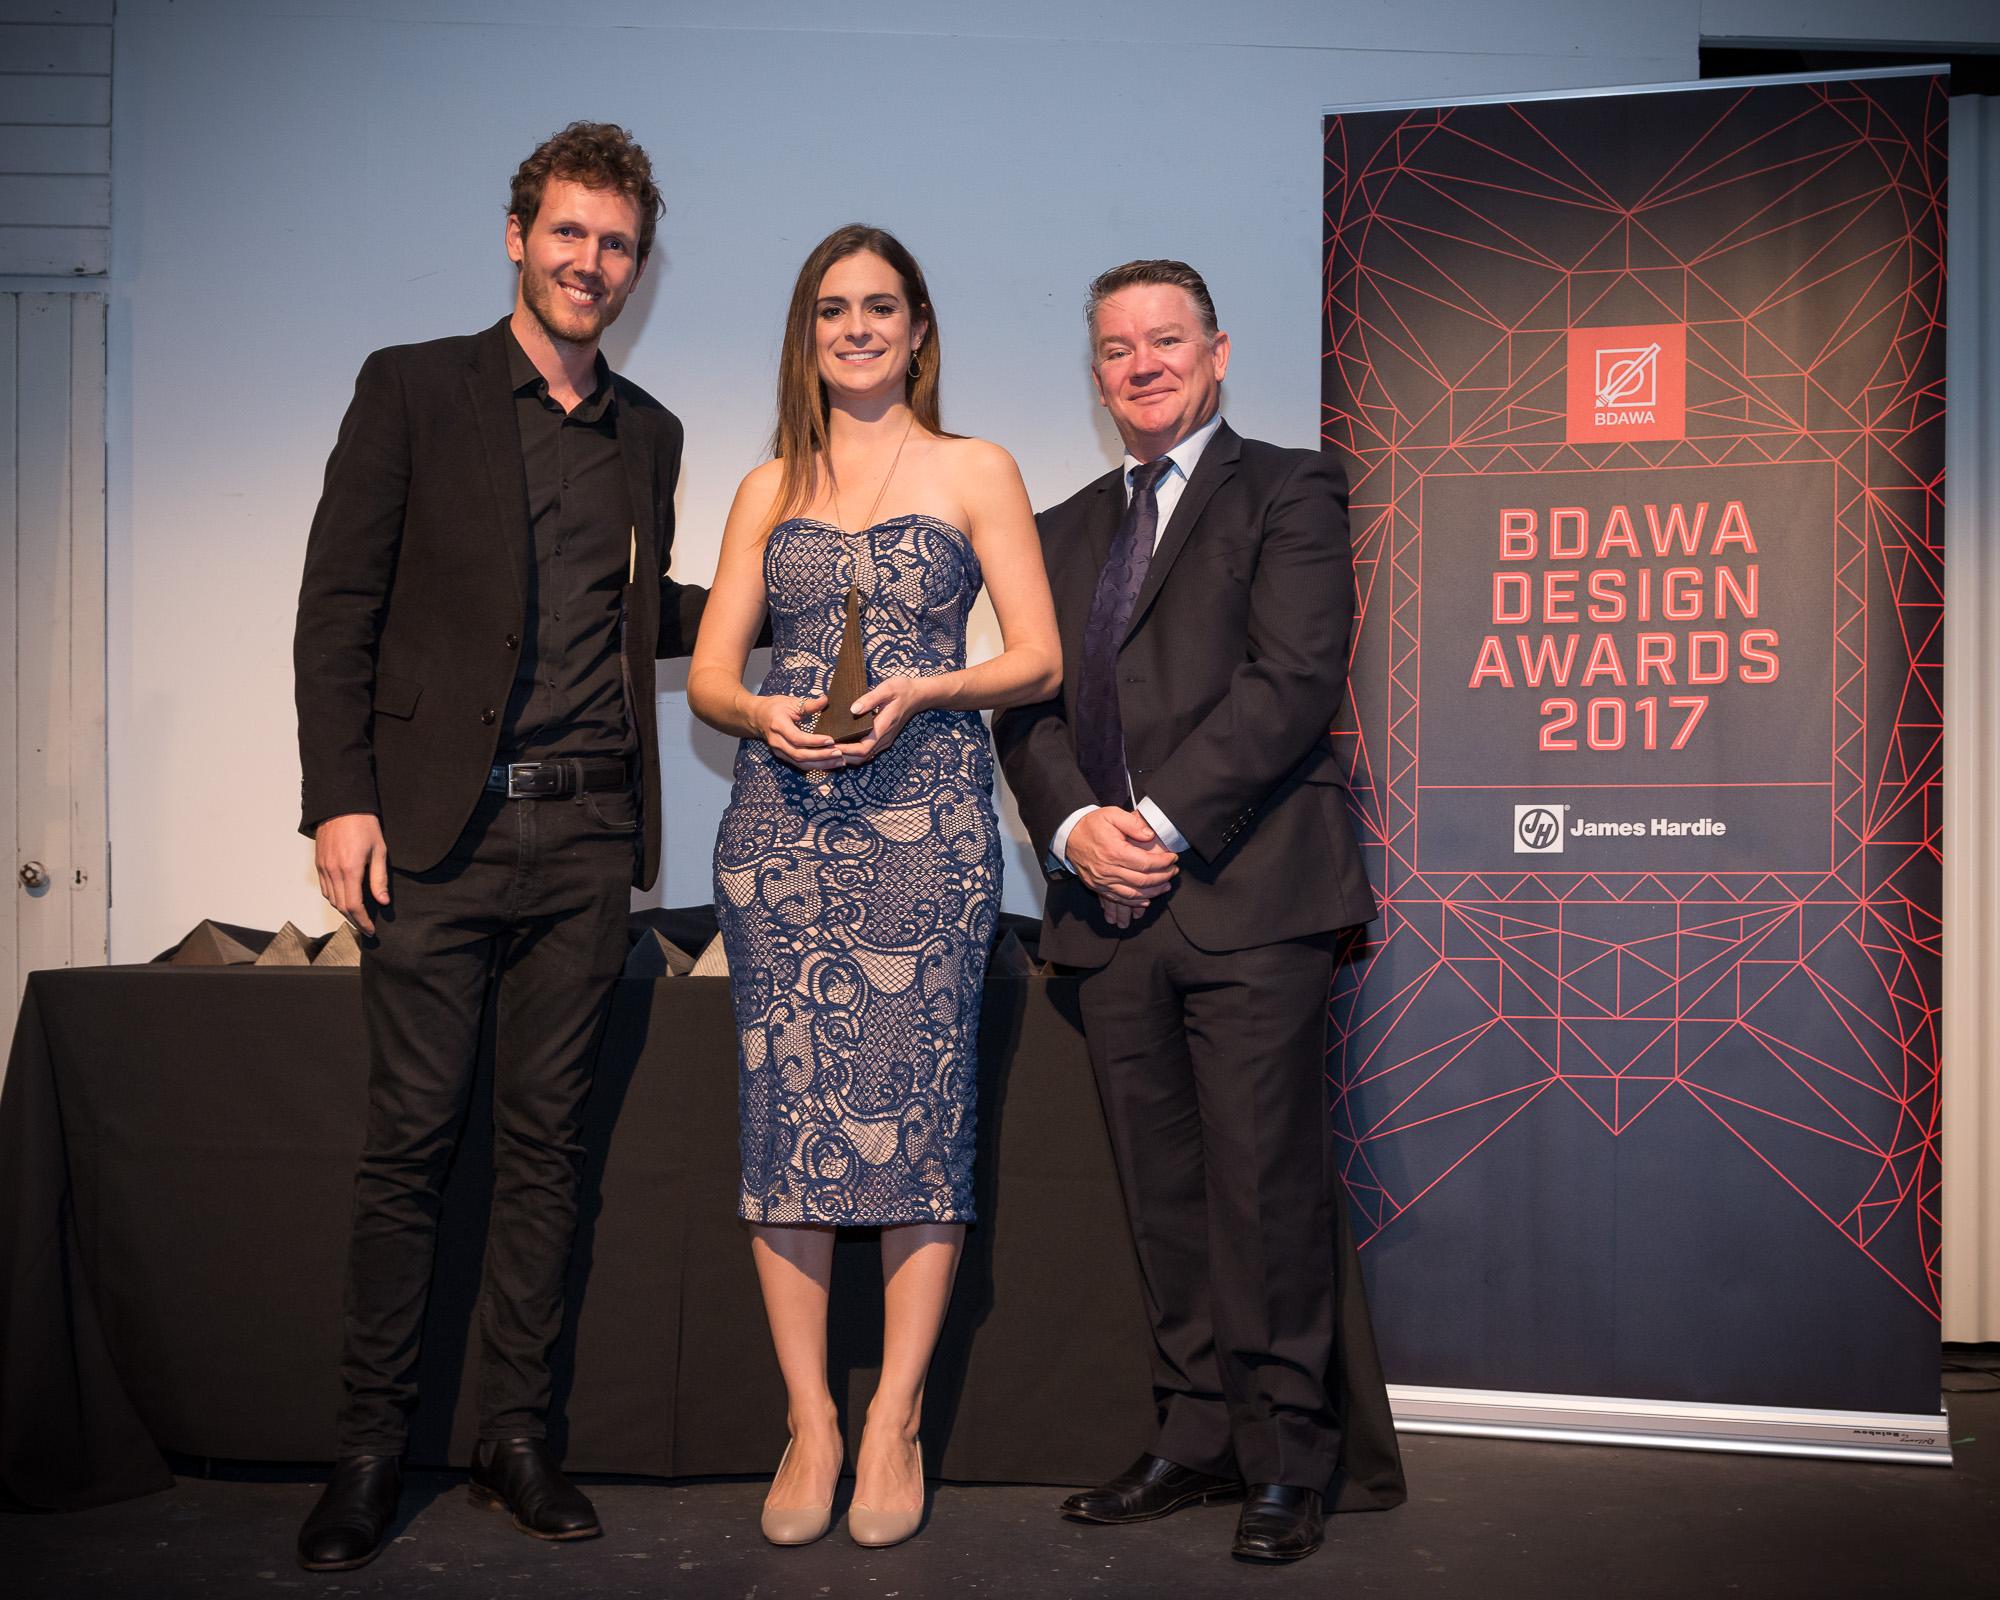 0148 BDA WA Awards 2017 _JHG7389.jpg